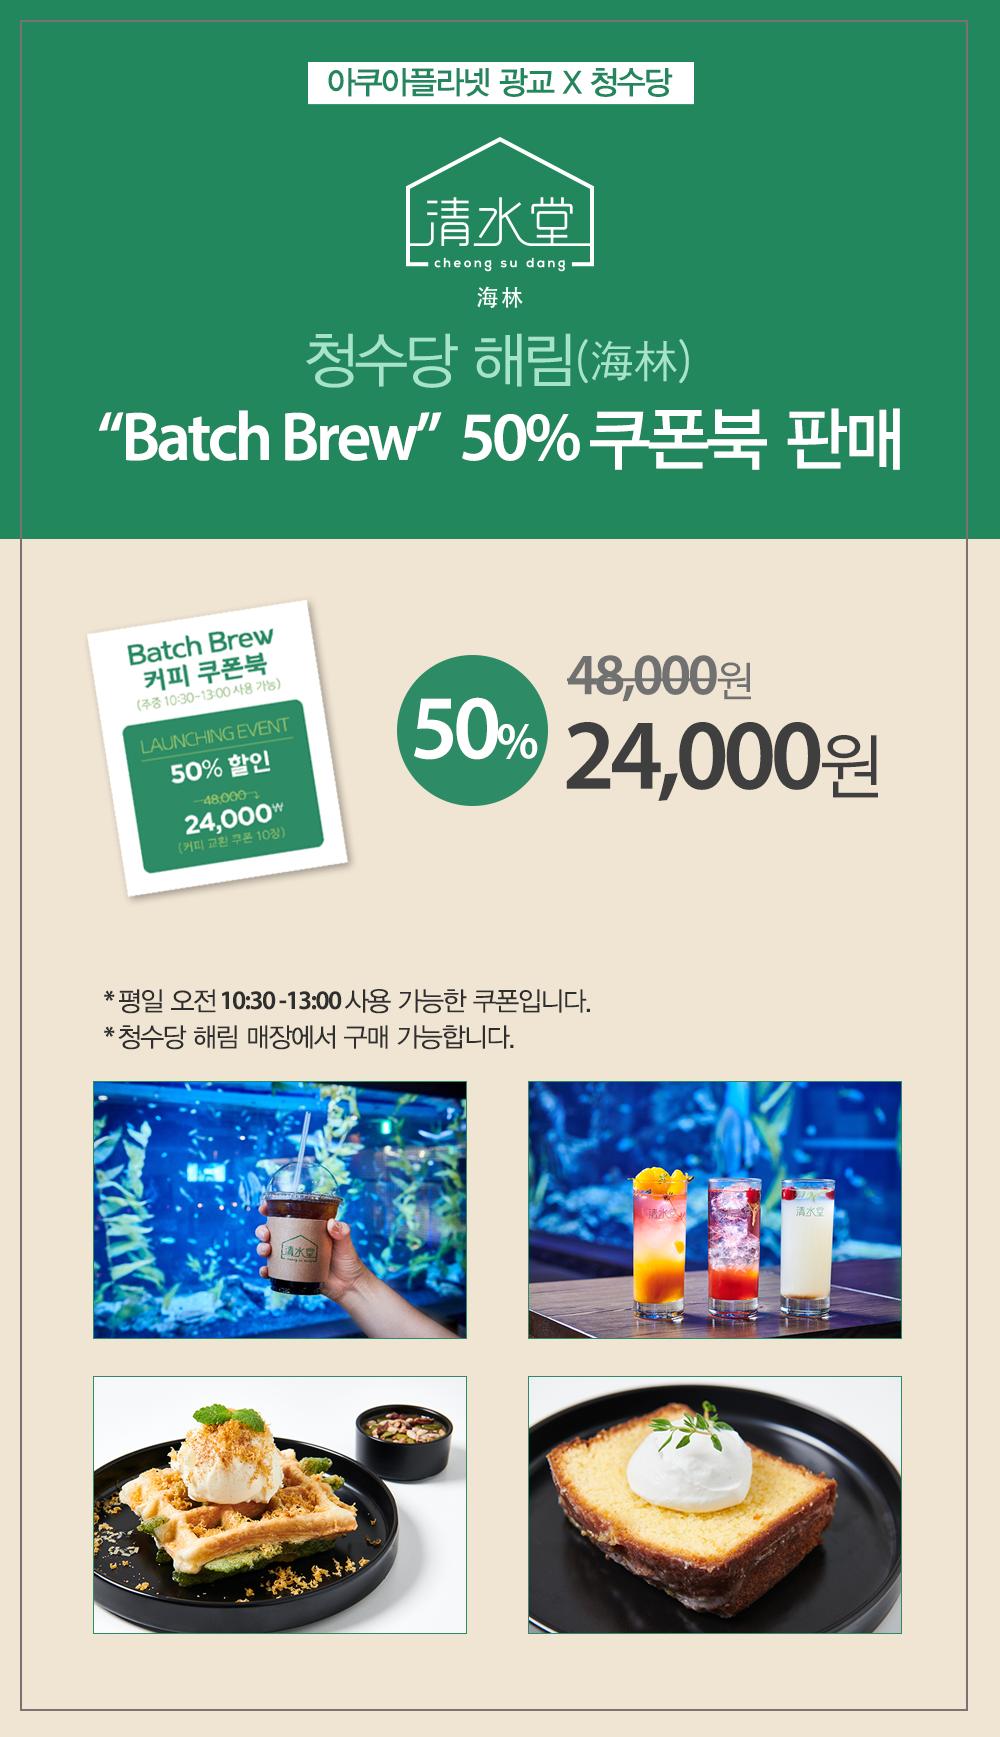 """청수당 해림 """"Batch Brew"""" 50% 쿠폰북 판매"""